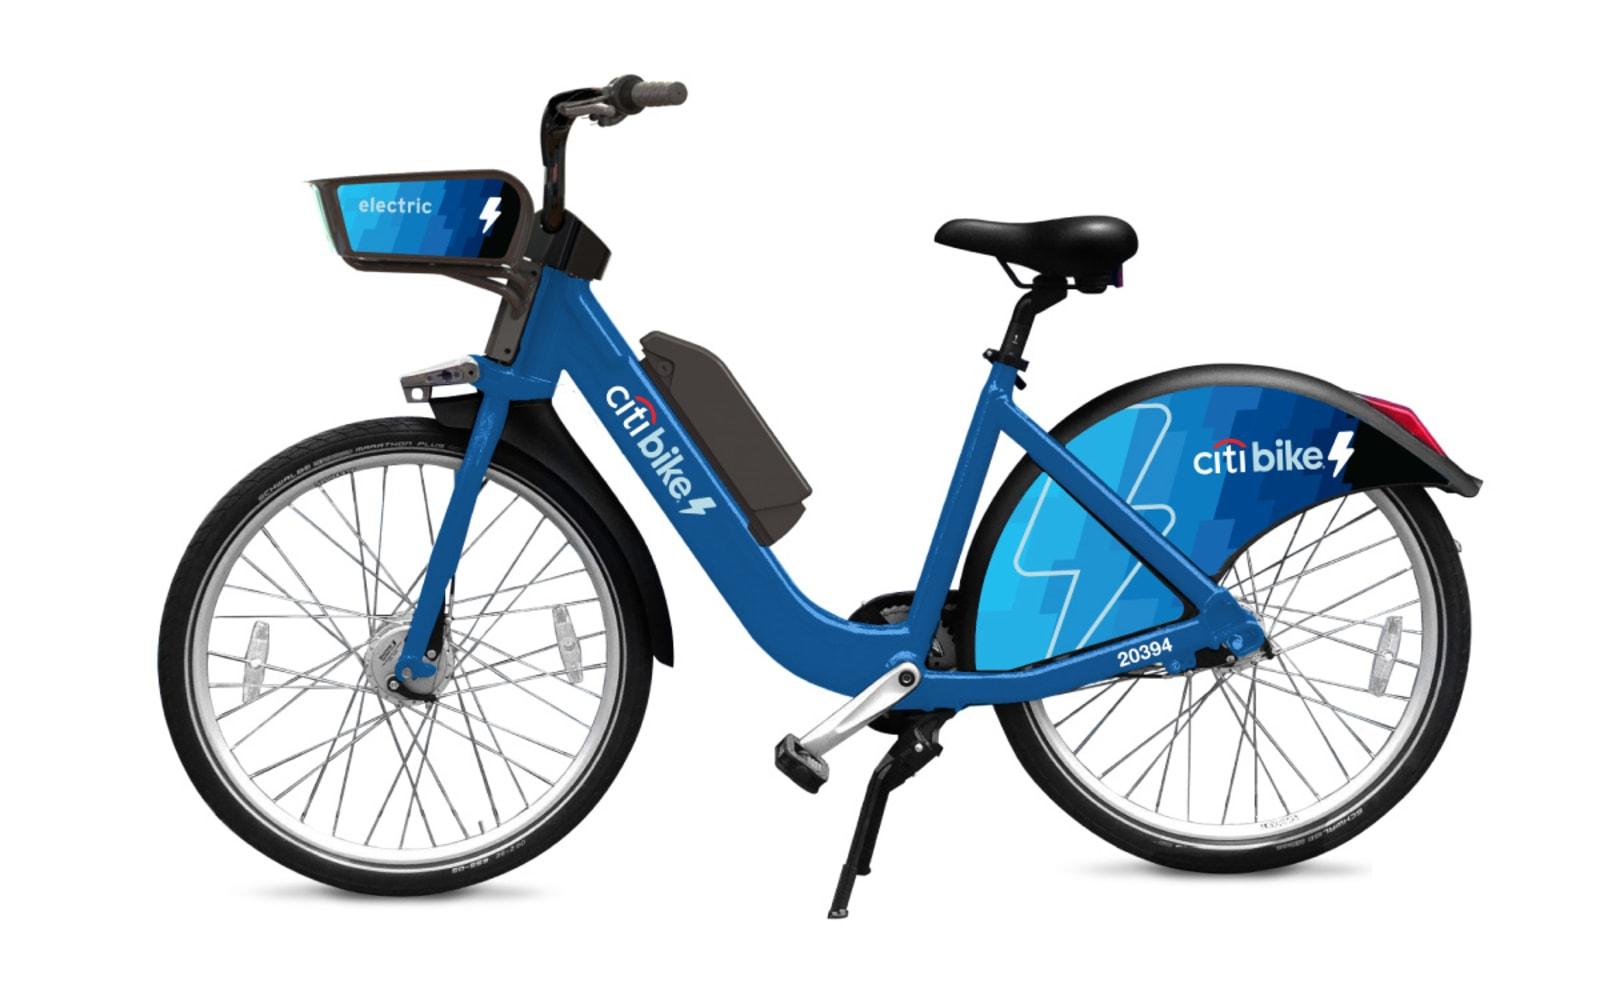 Lyft Citi Bike e-bikes